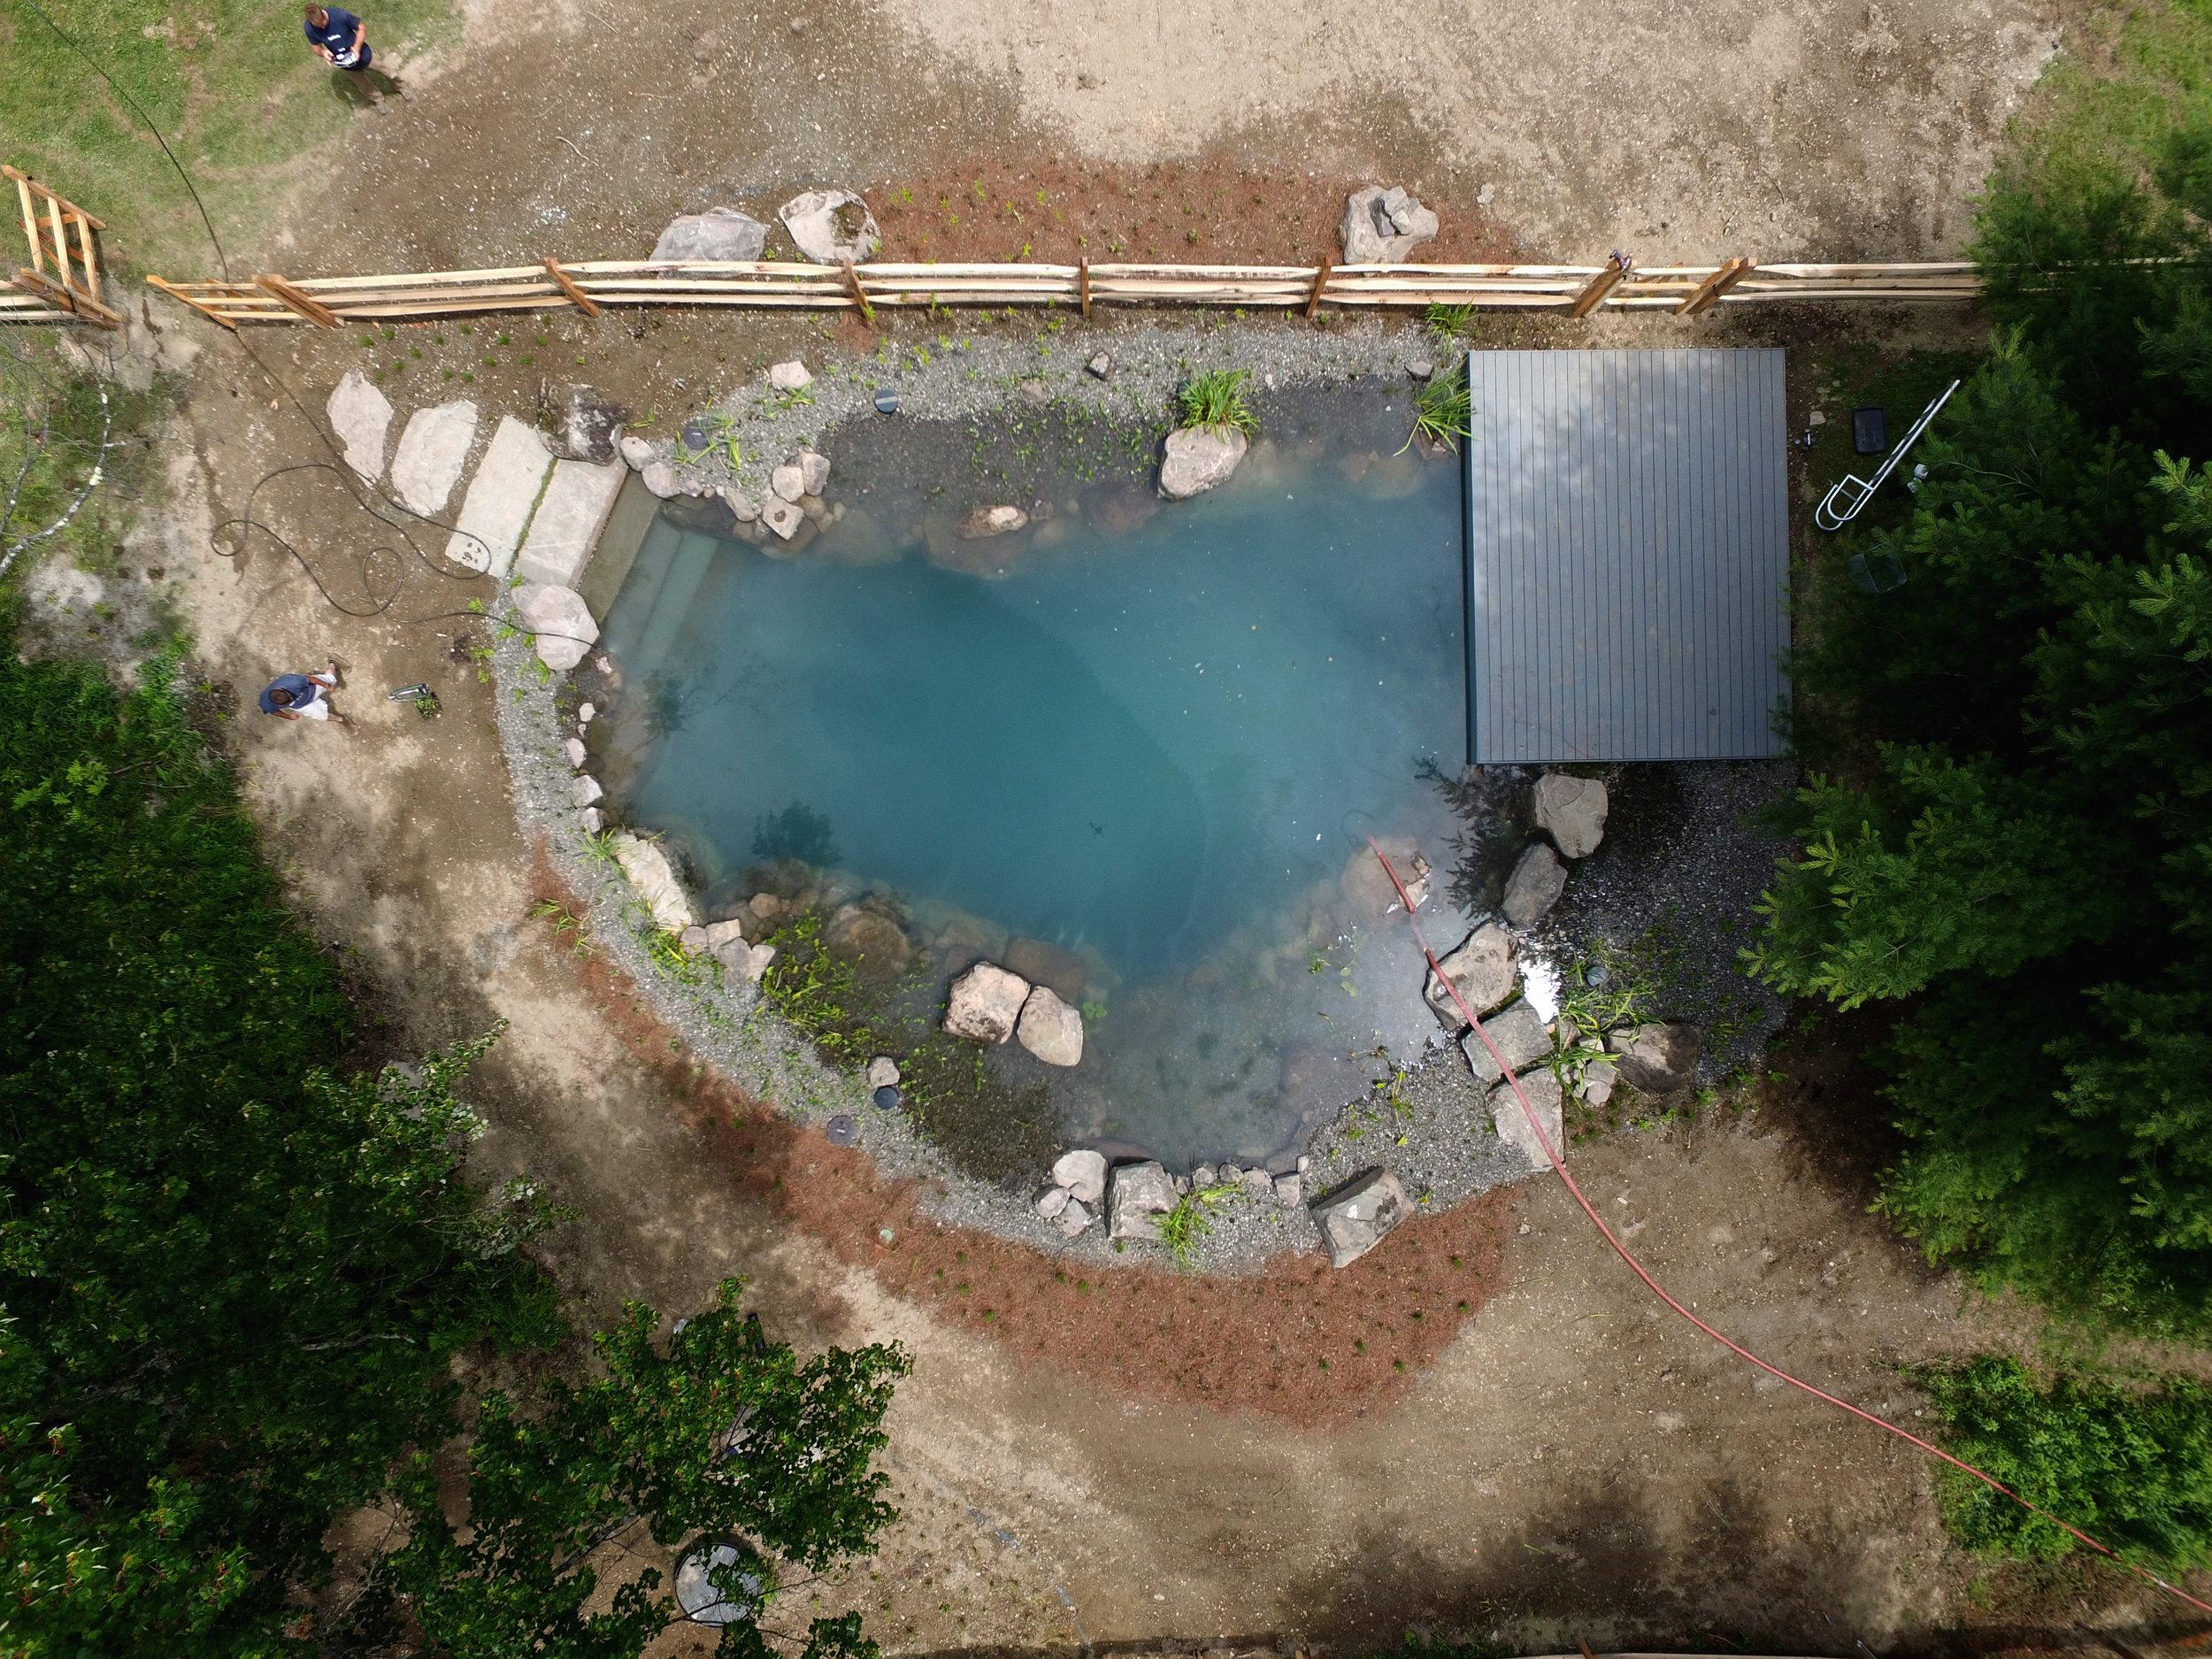 Pondworks_Natural swimming pool_nsp_06.jpg